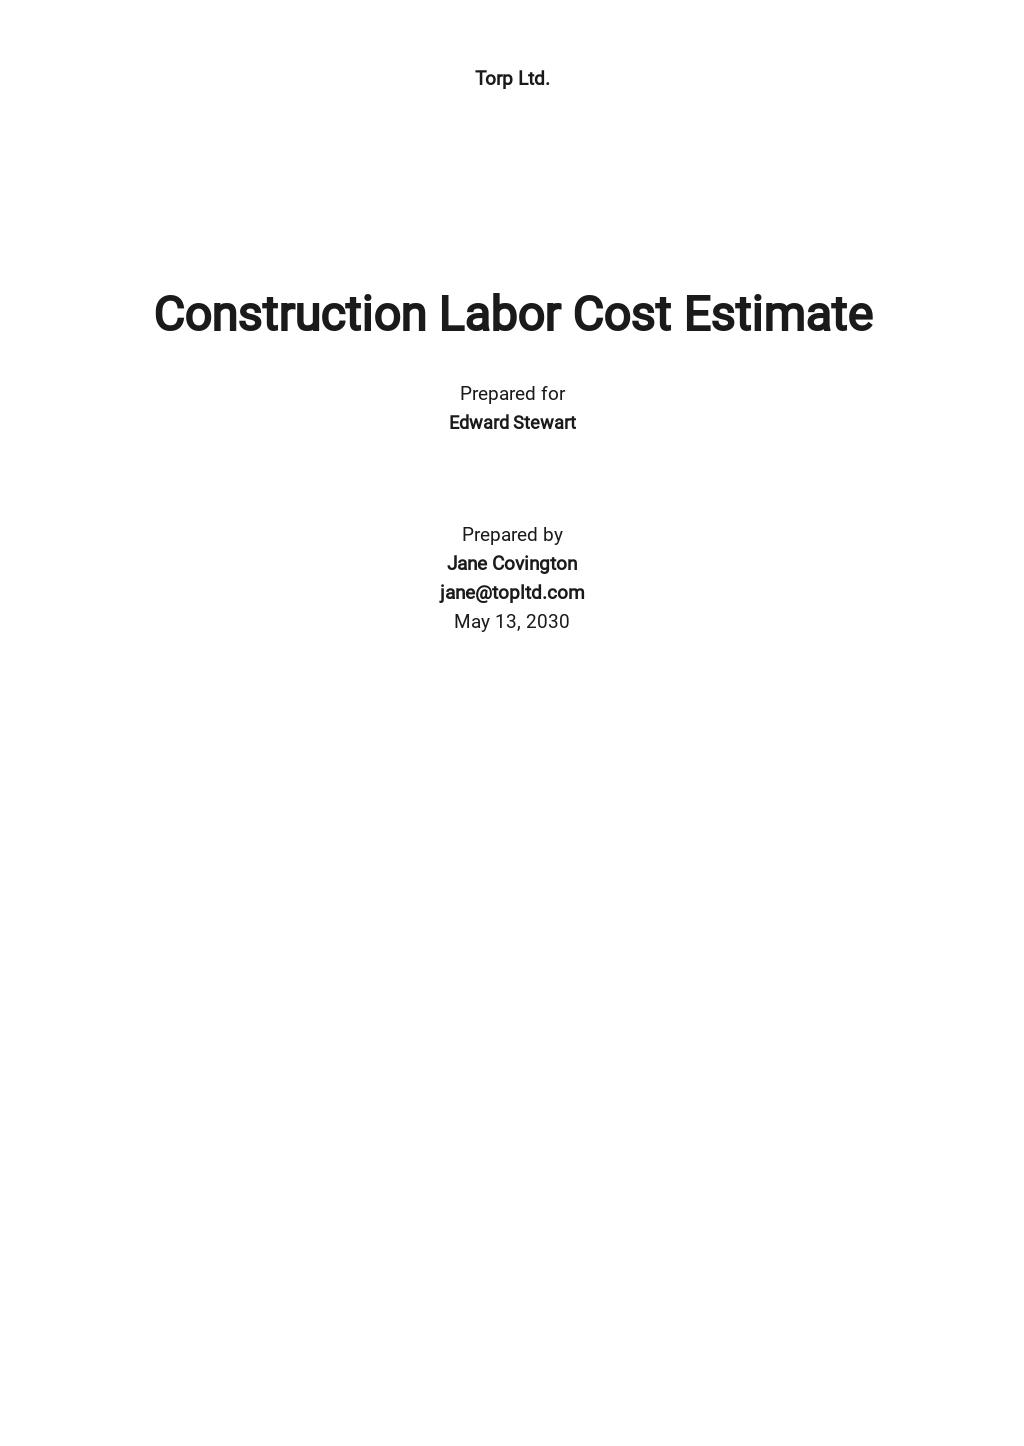 Construction Labor Cost Estimate Template